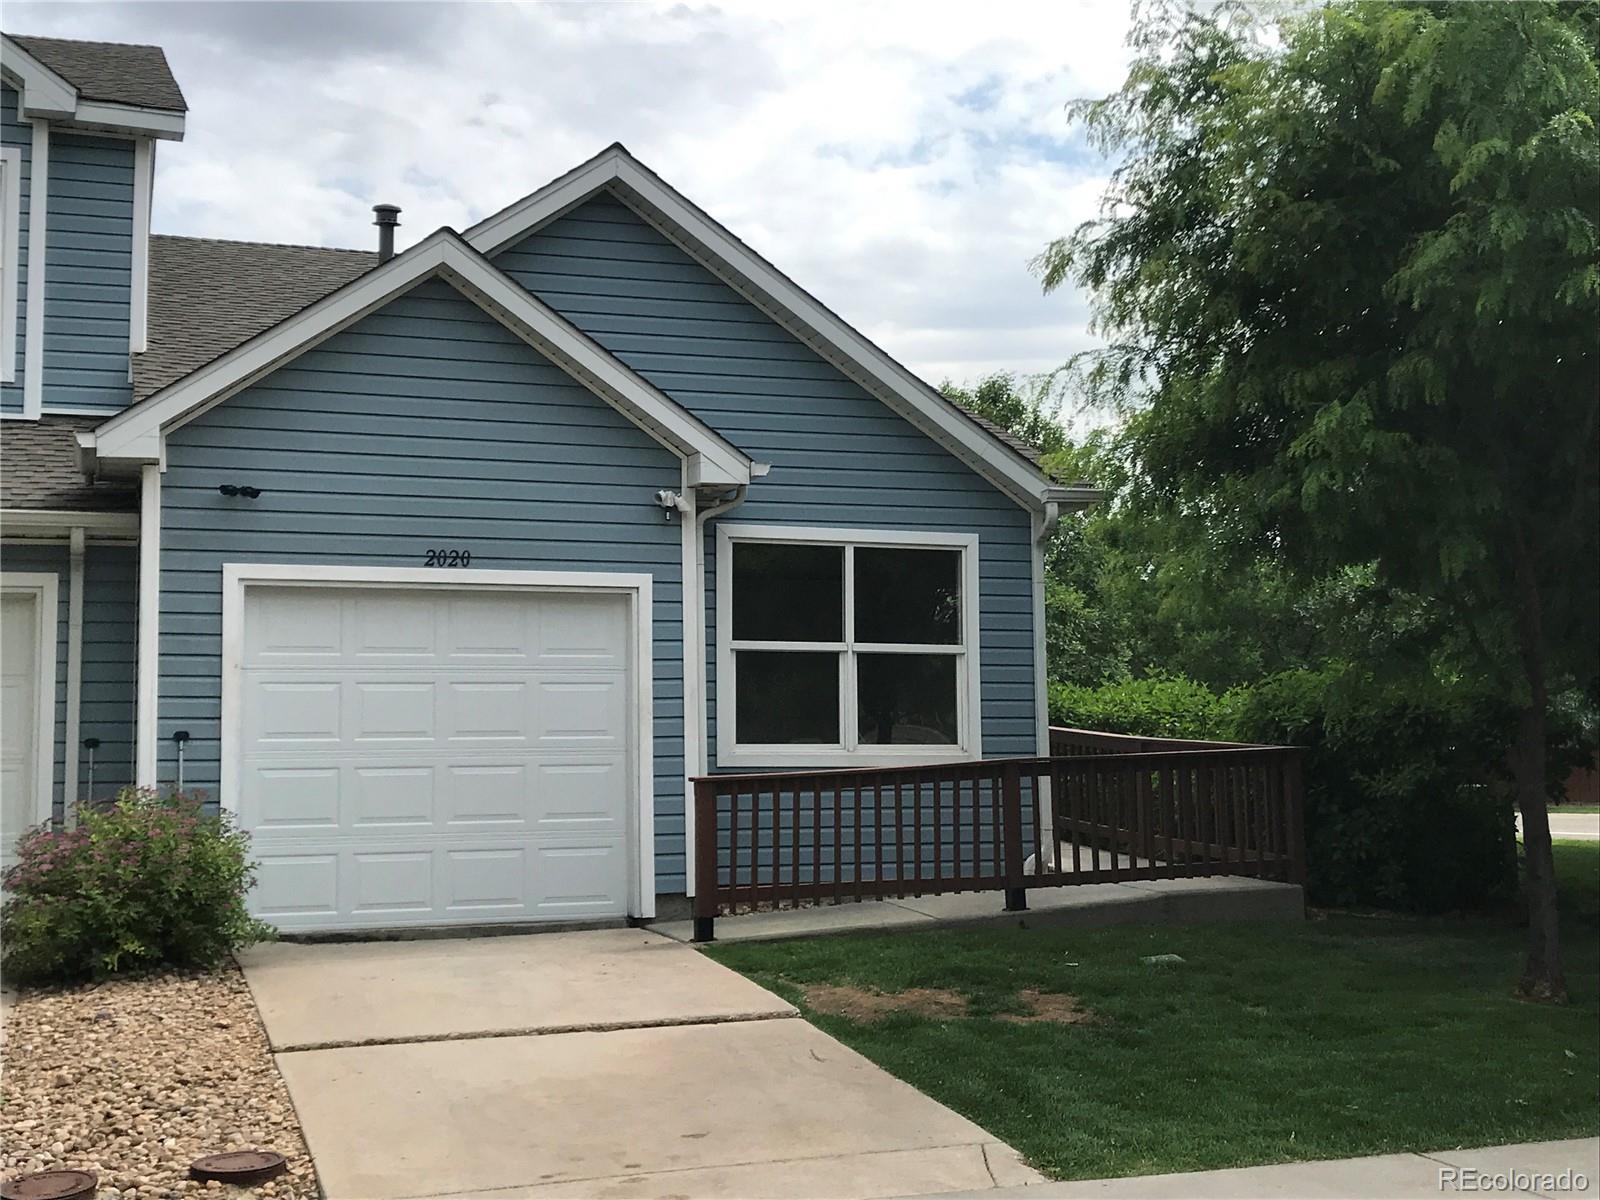 MLS# 6404441 - 1 - 2020 Dove Creek Court, Loveland, CO 80538